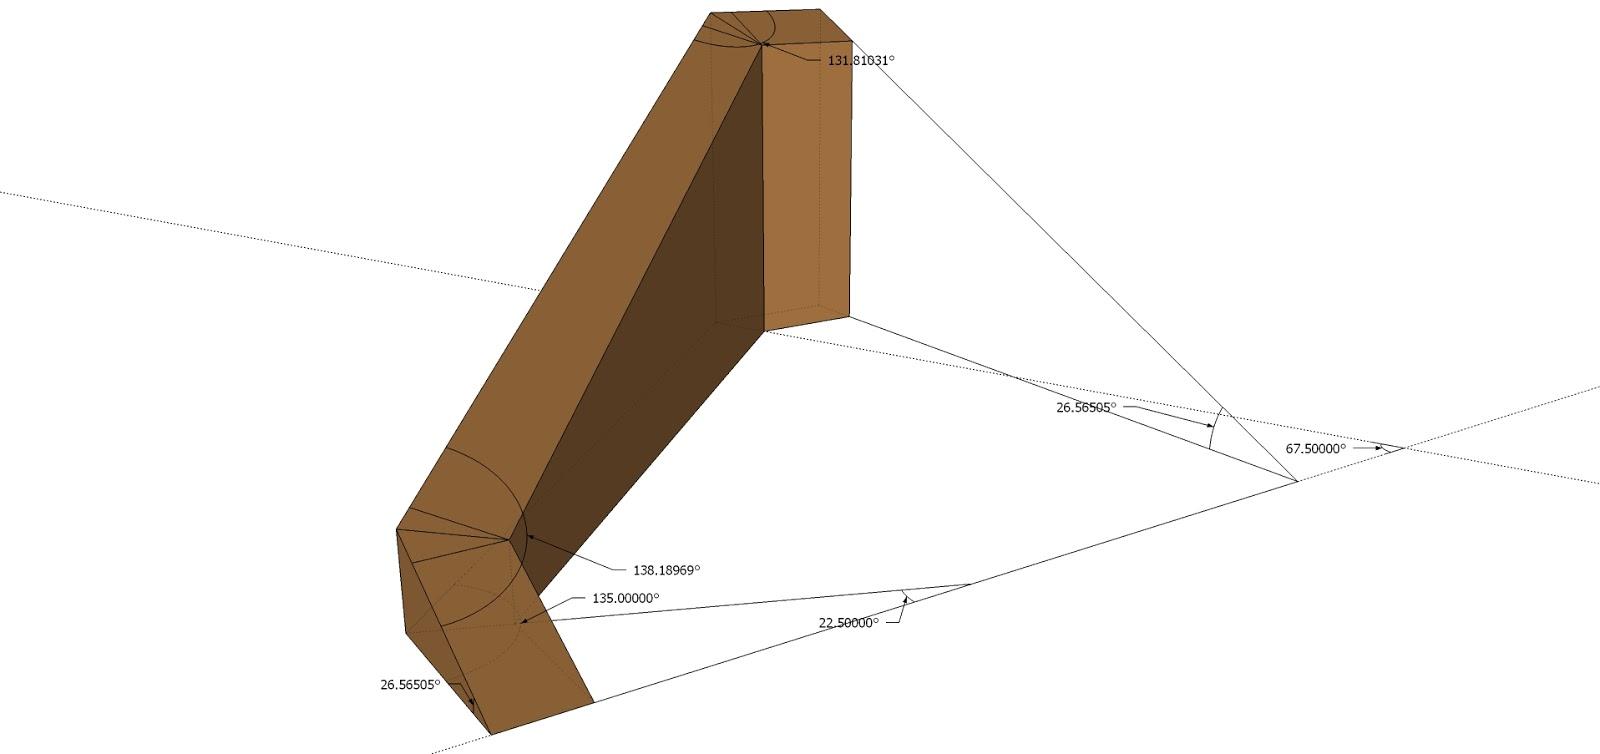 Roof Framing Geometry 45 Plan Angle Rake Wall Plates